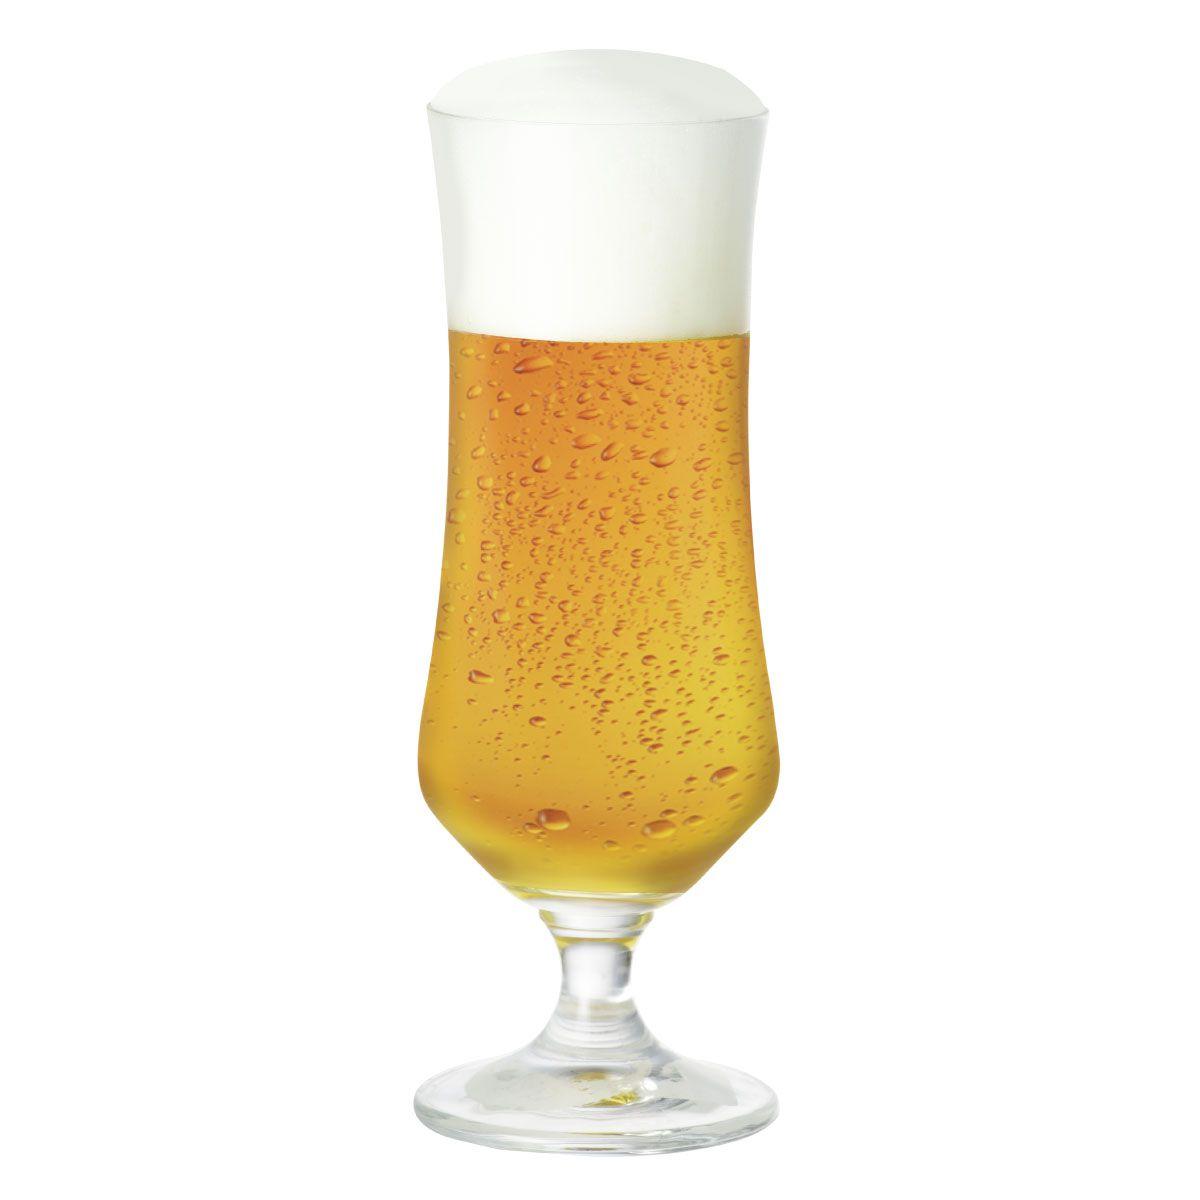 Taça Cerveja - Copo Cerveja Ratsk 385ml